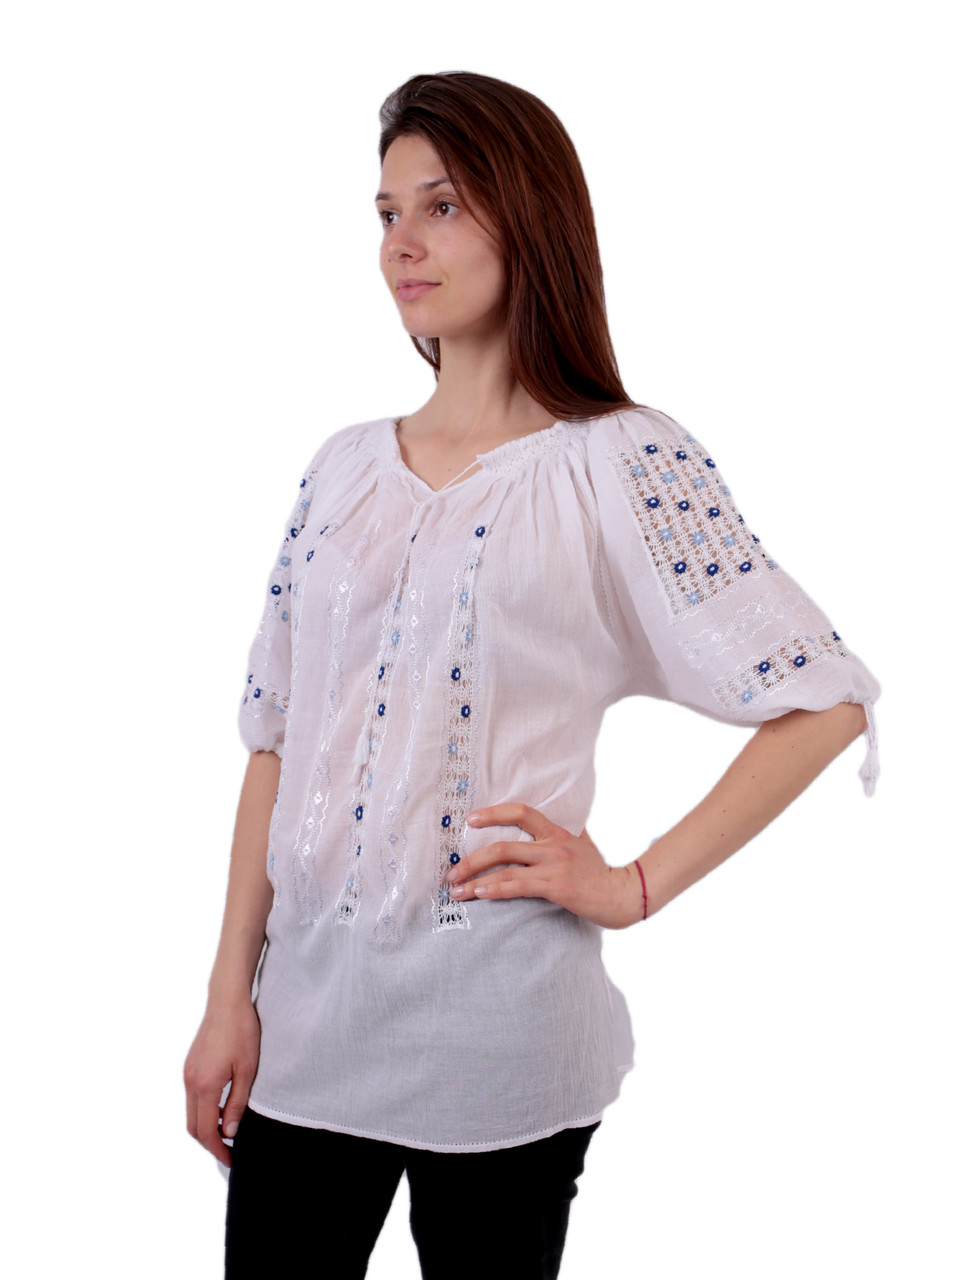 Жіноча вишита сорочка/блузка марльовка з голубим орнаментом на короткий рукав